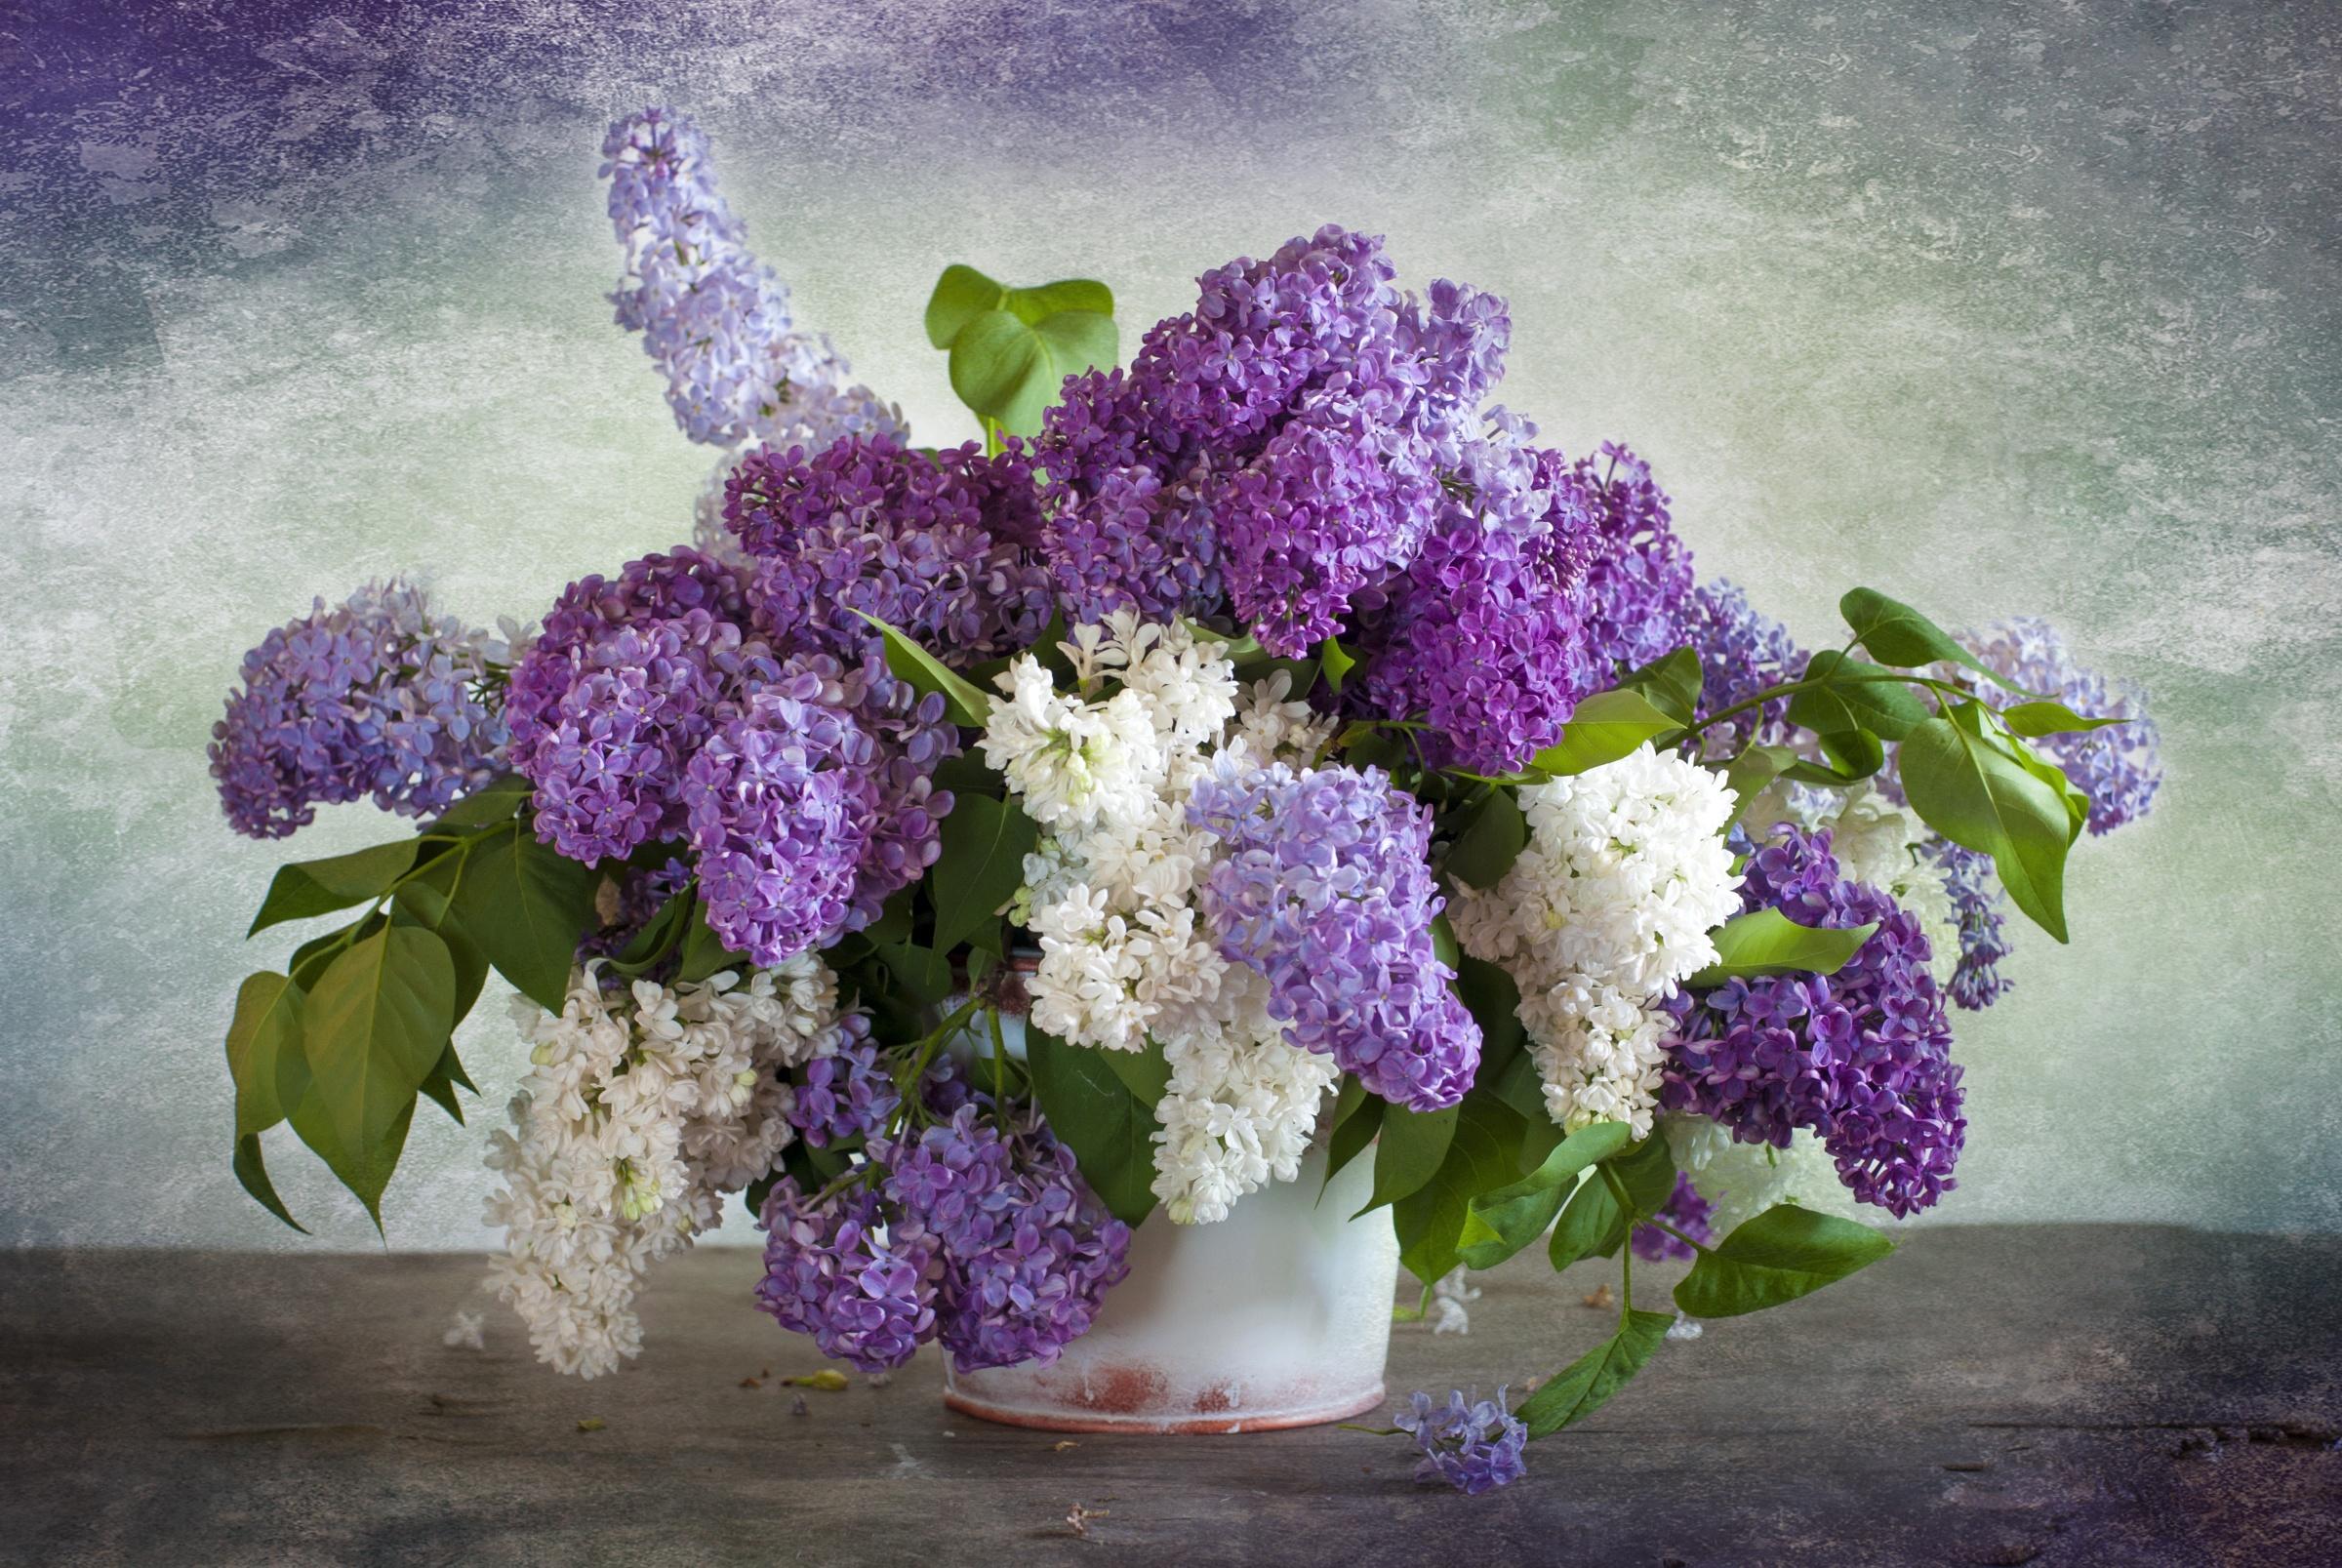 природа цветы ваза сирень  № 3063927 бесплатно